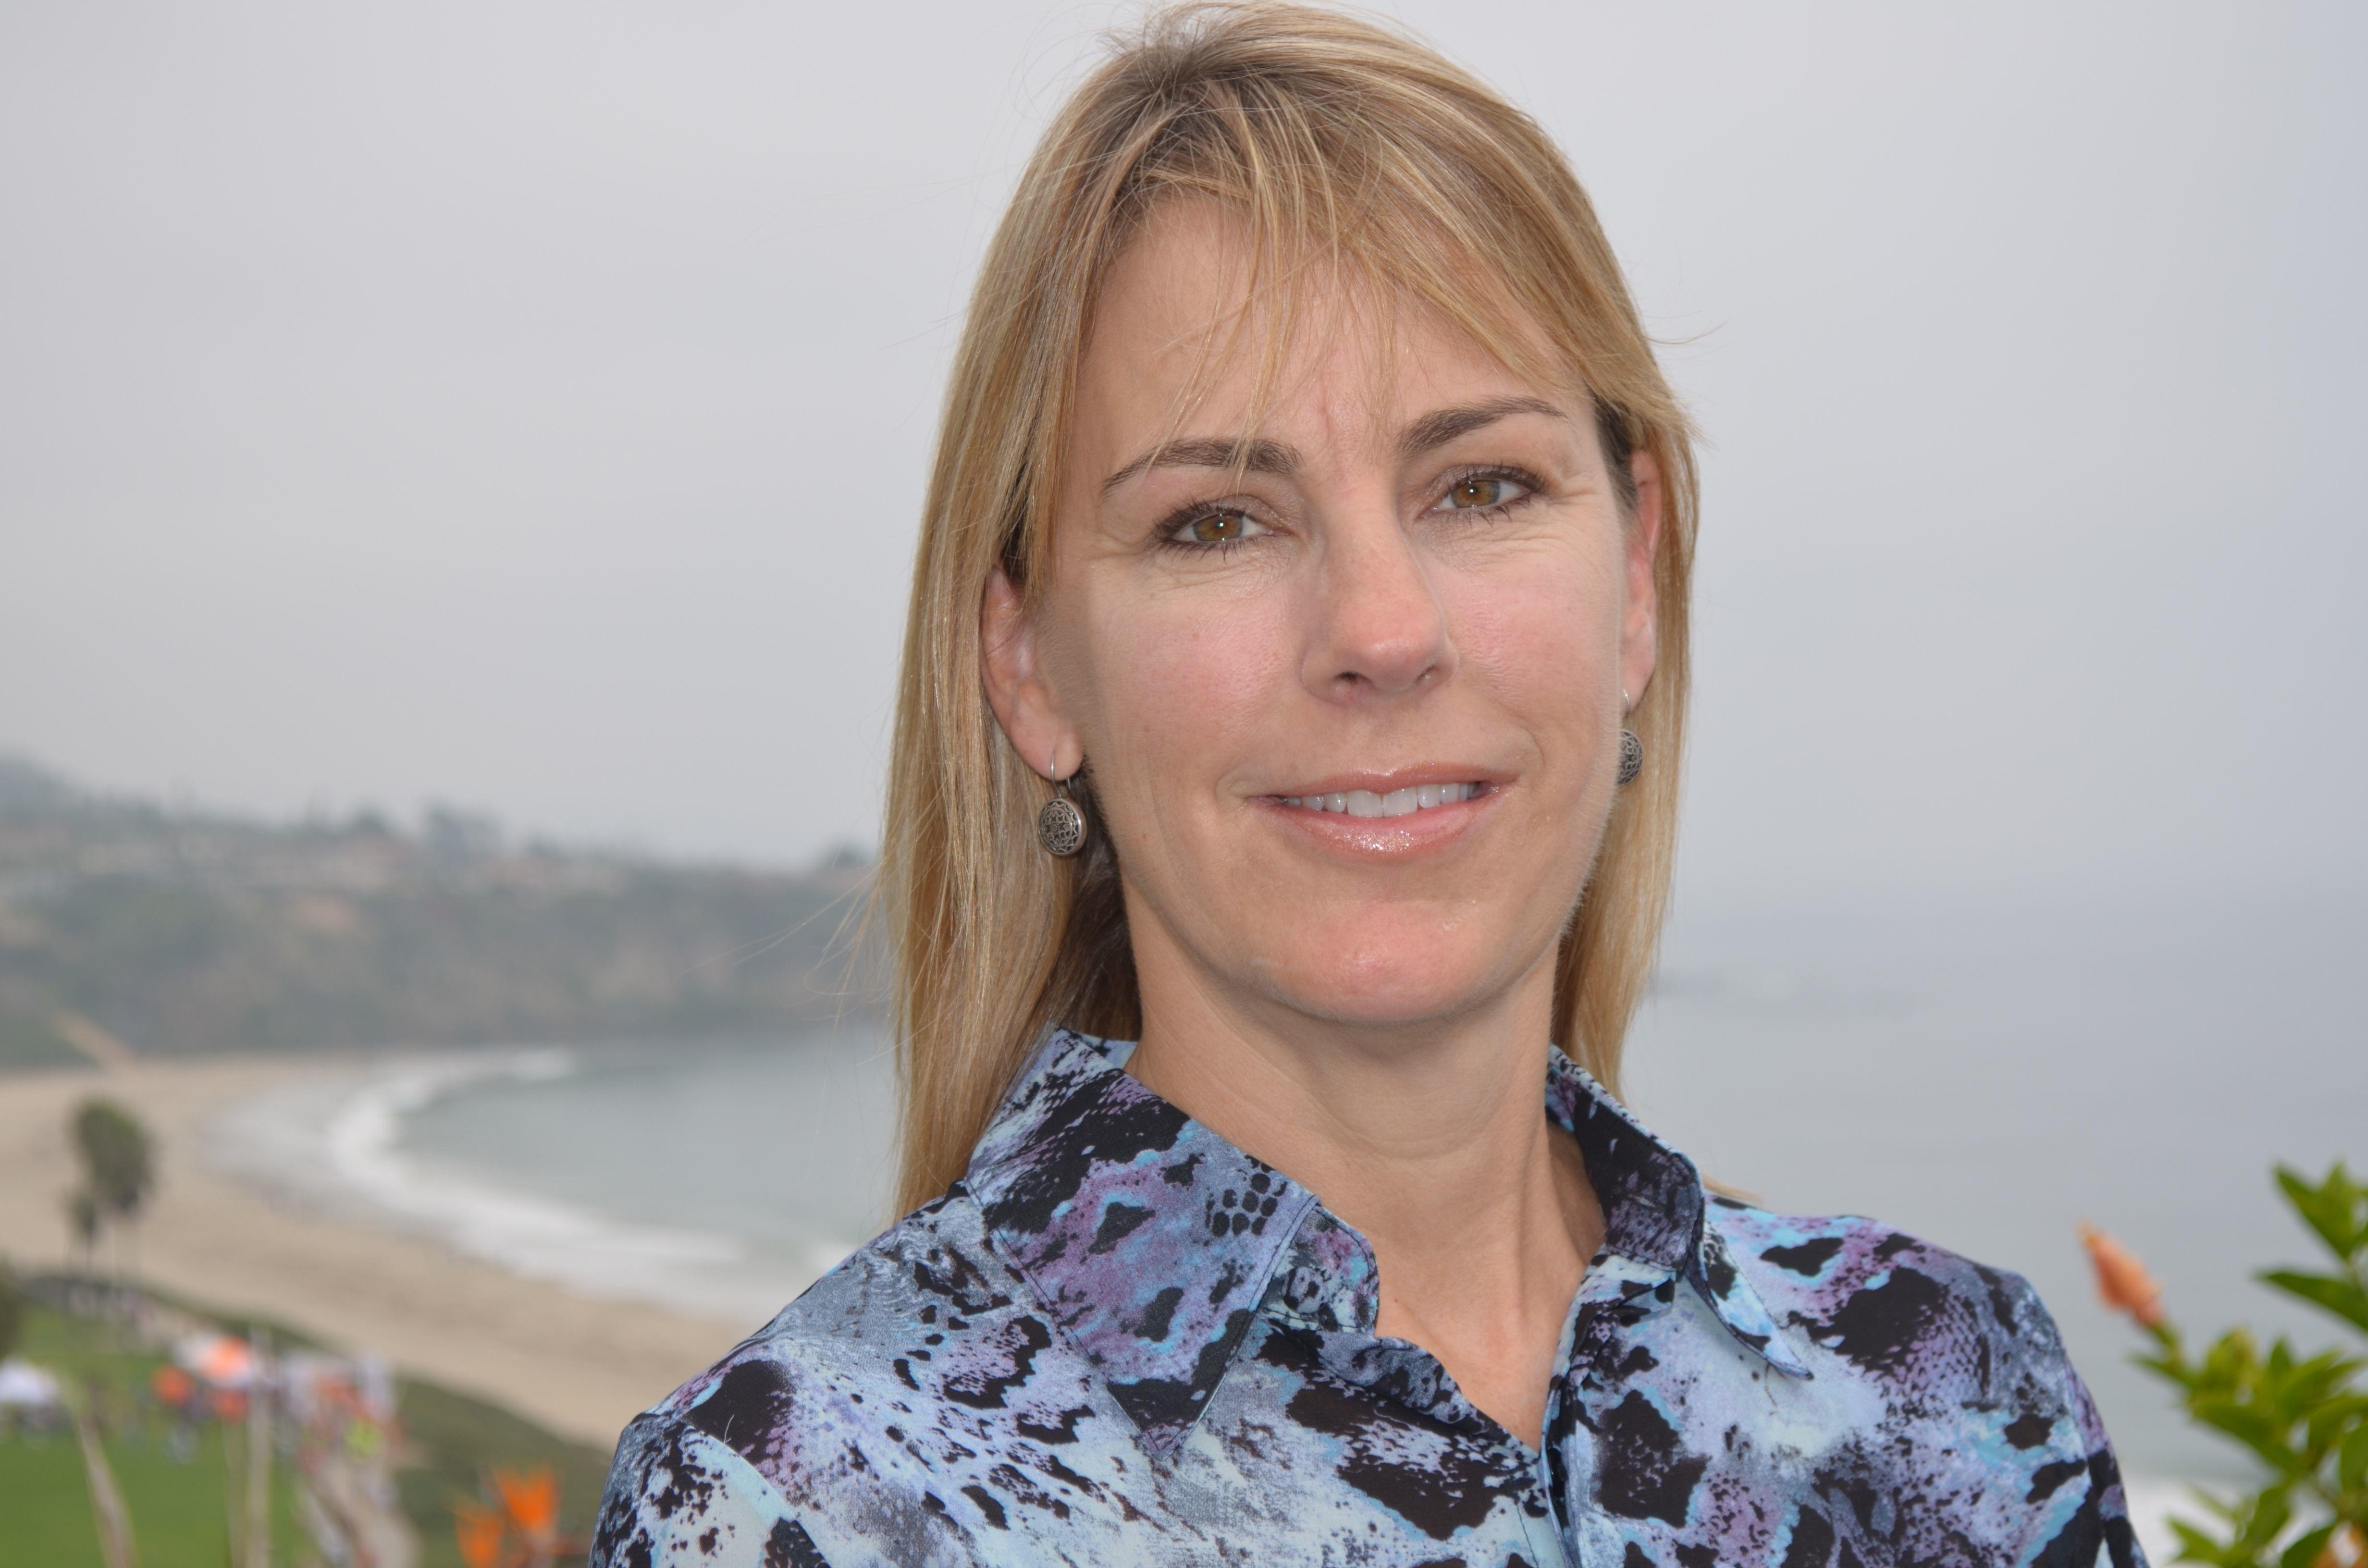 Lisa Erickson